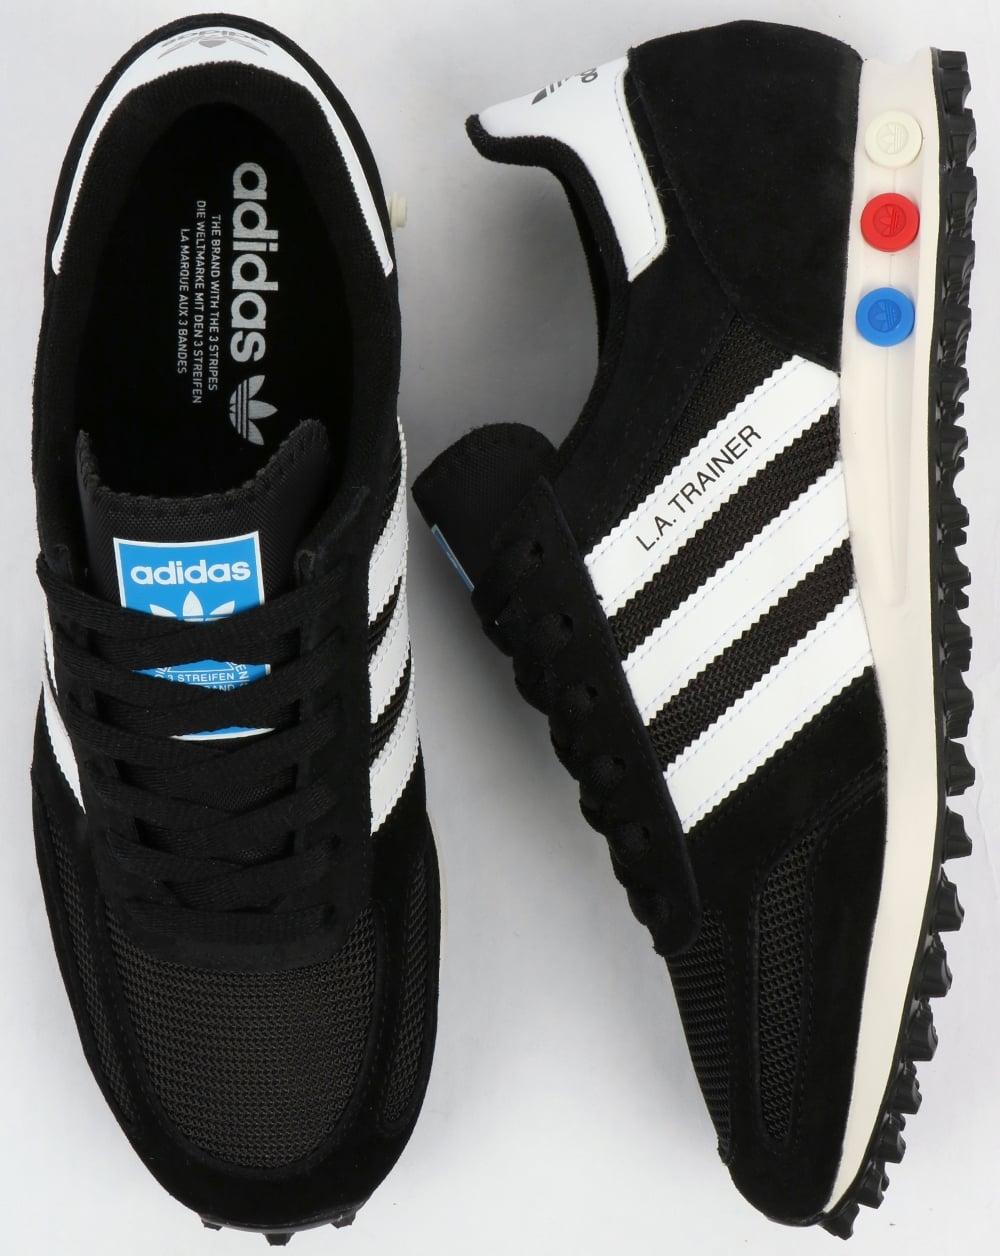 trainer adidas online